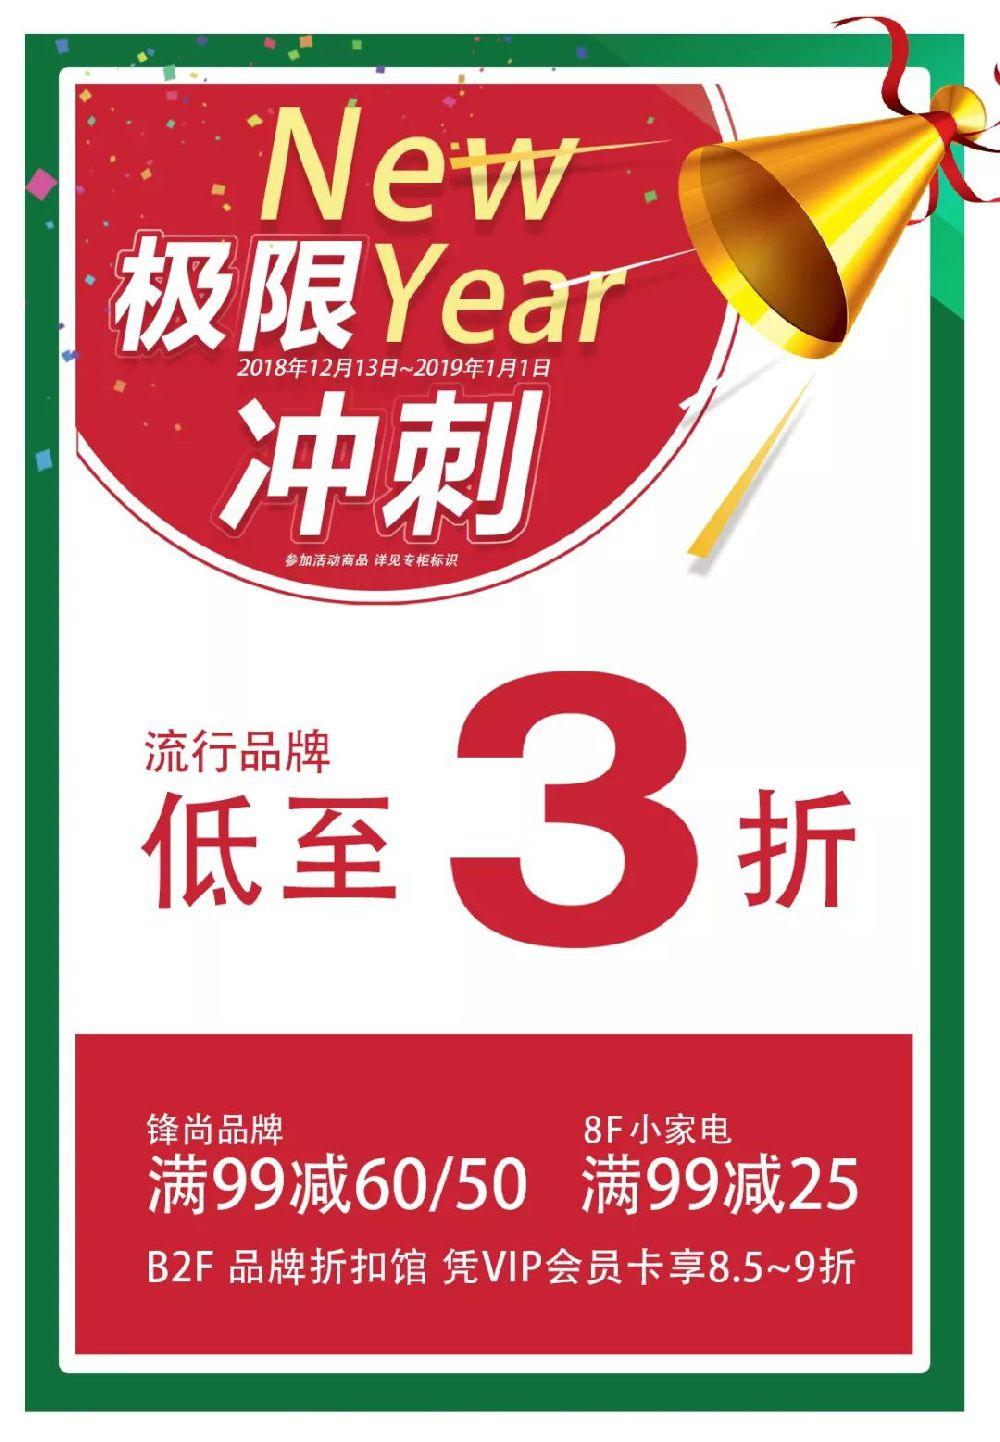 上海置地广场圣诞跨年终极折扣 百货服饰3折起